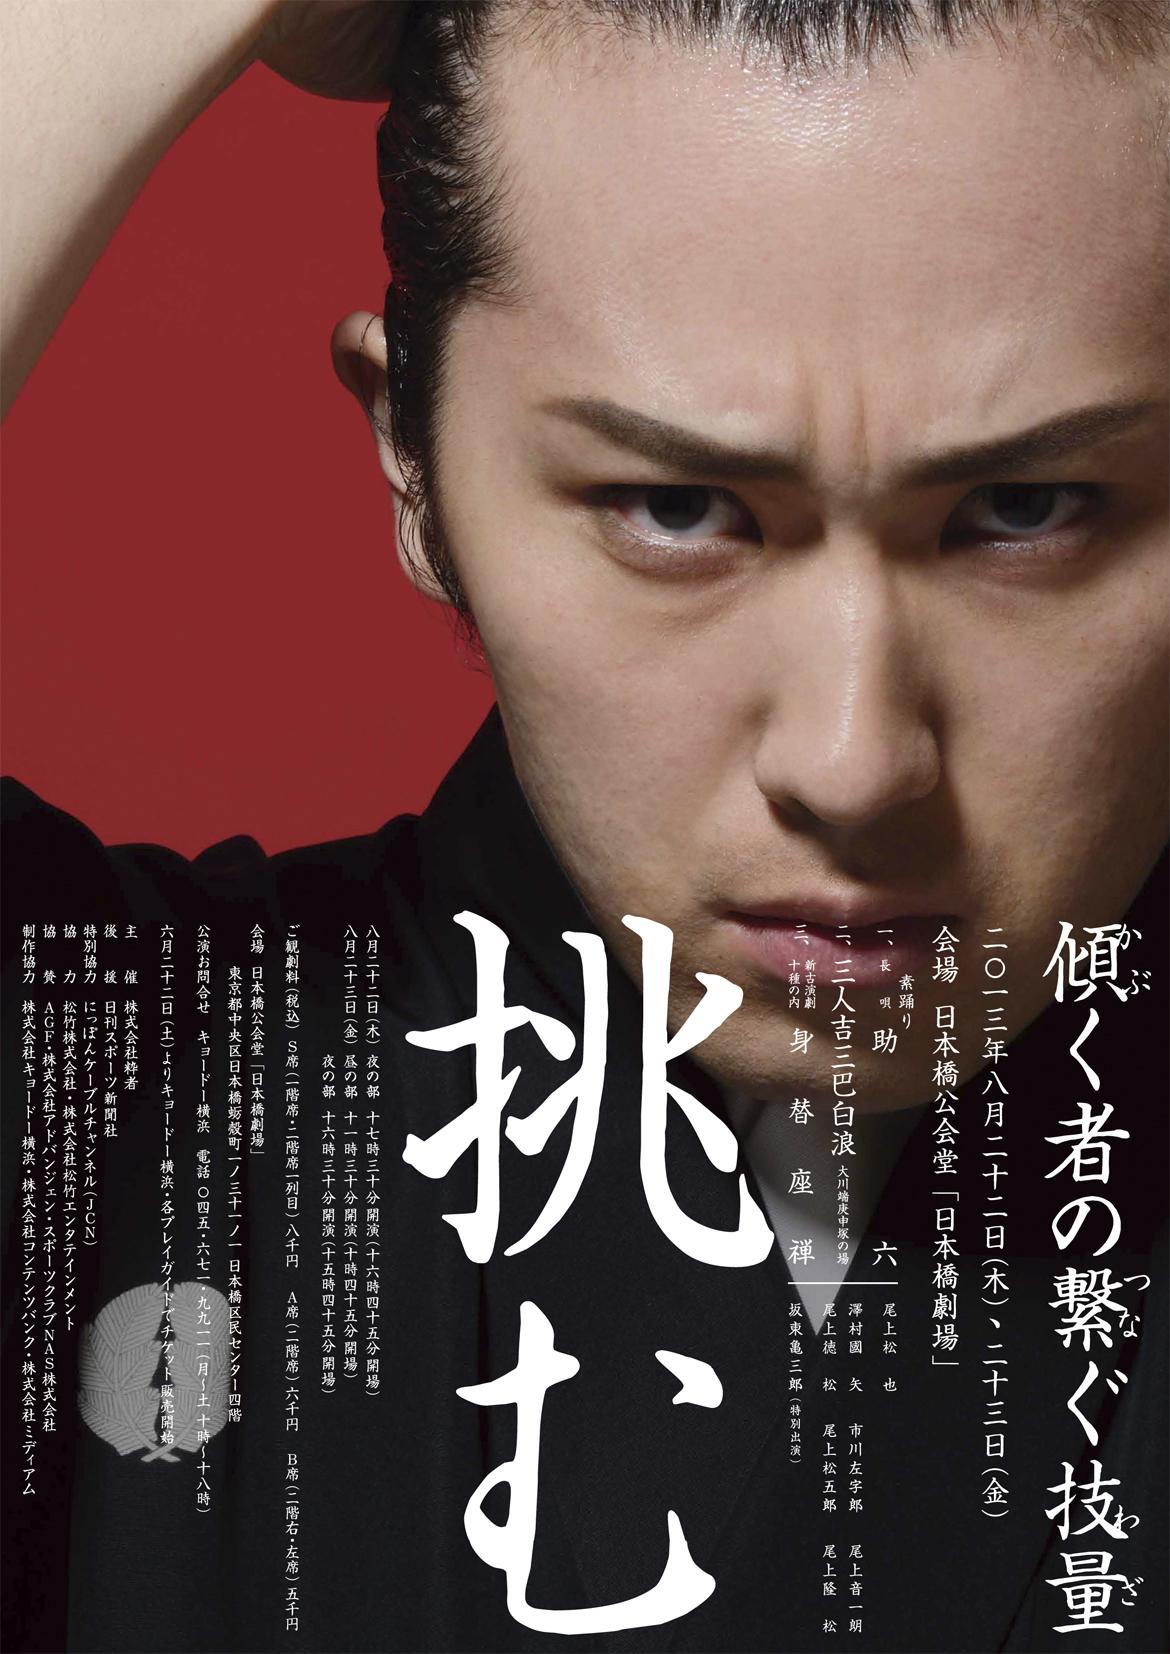 """尾上松也歌舞伎自主公演 """"挑む"""" 2013年ポスター"""